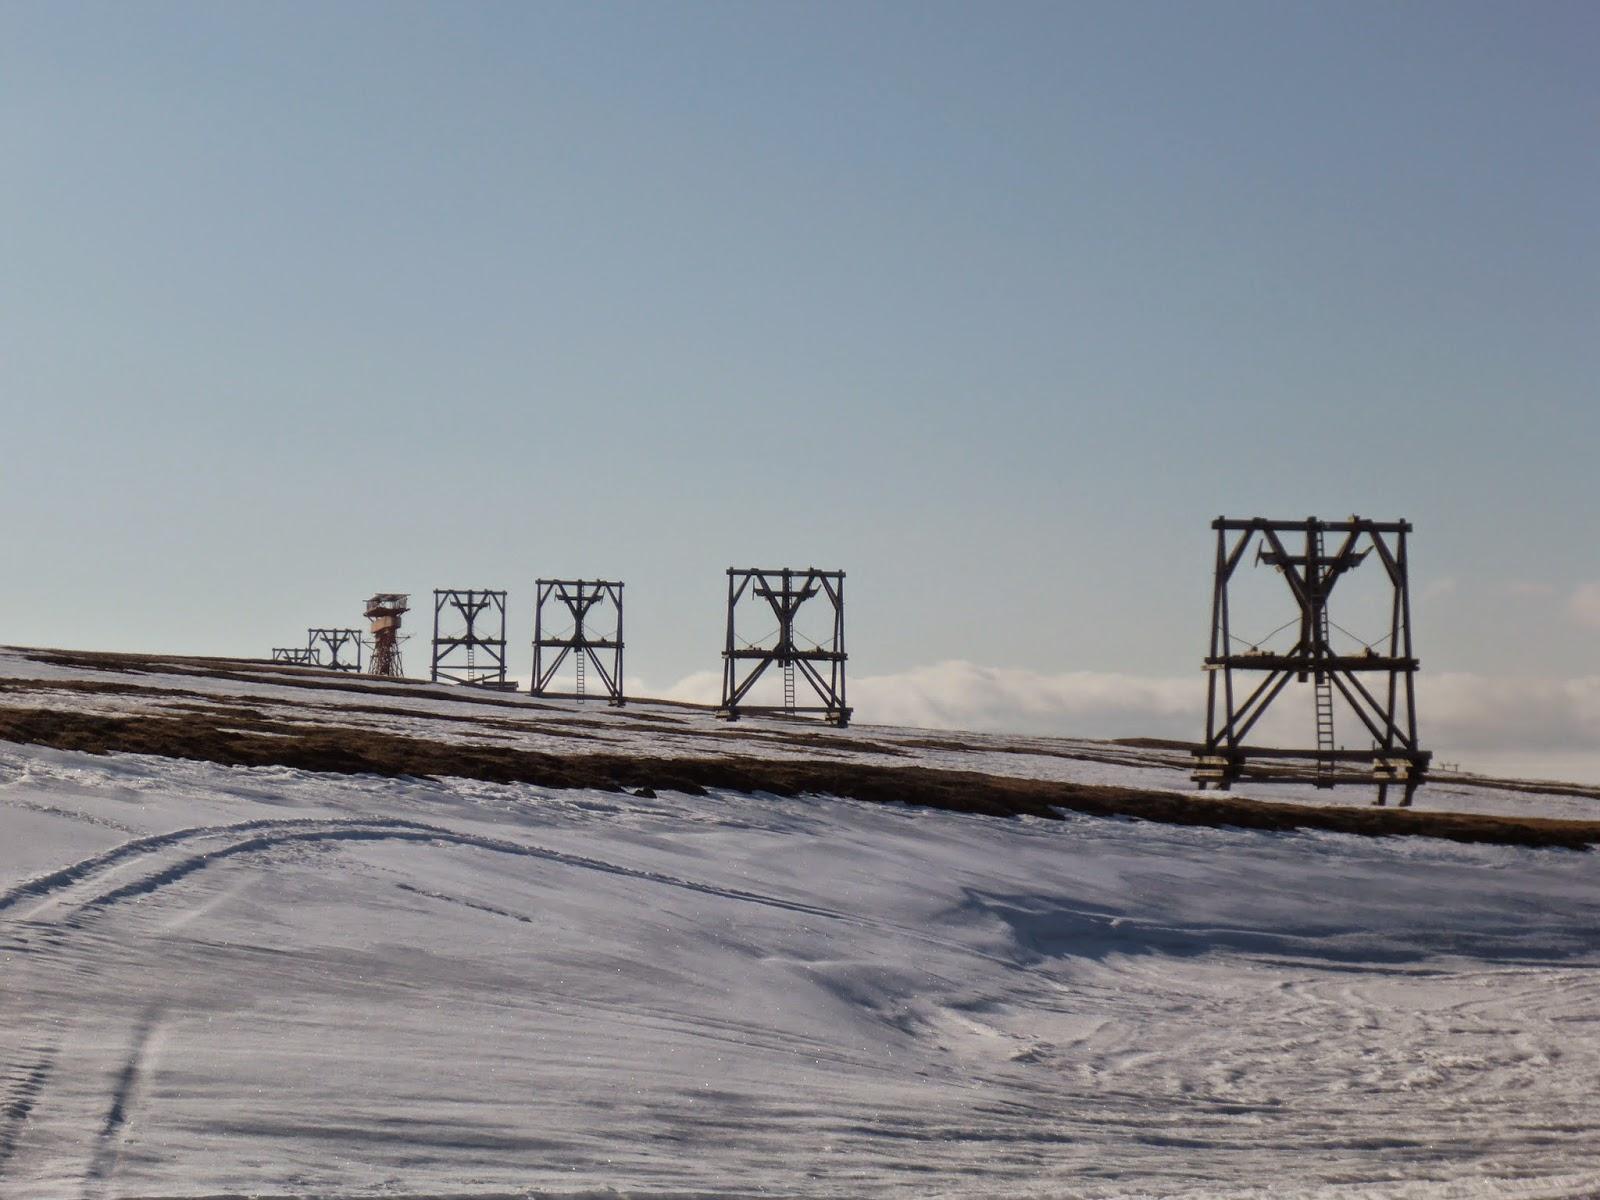 norske pofilmer verdens største rompe